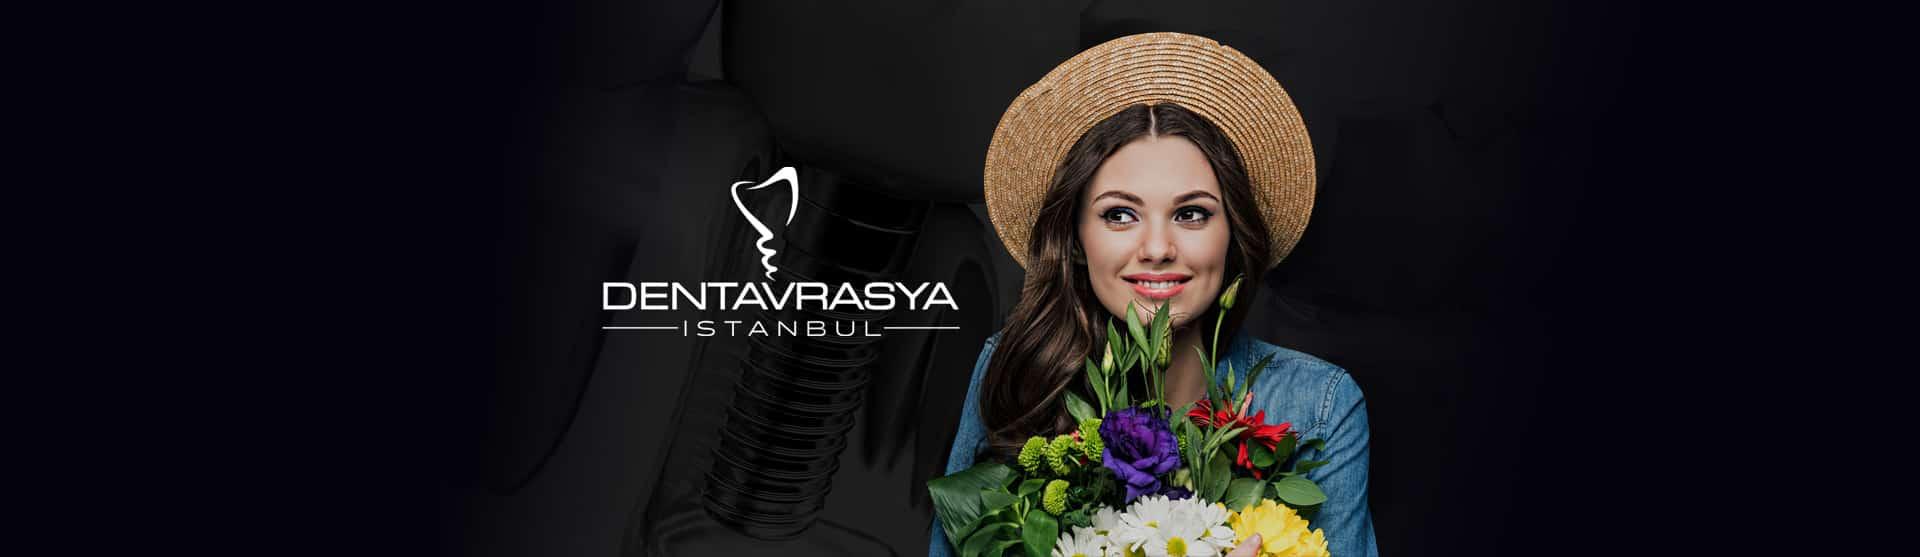 Dentavrasya